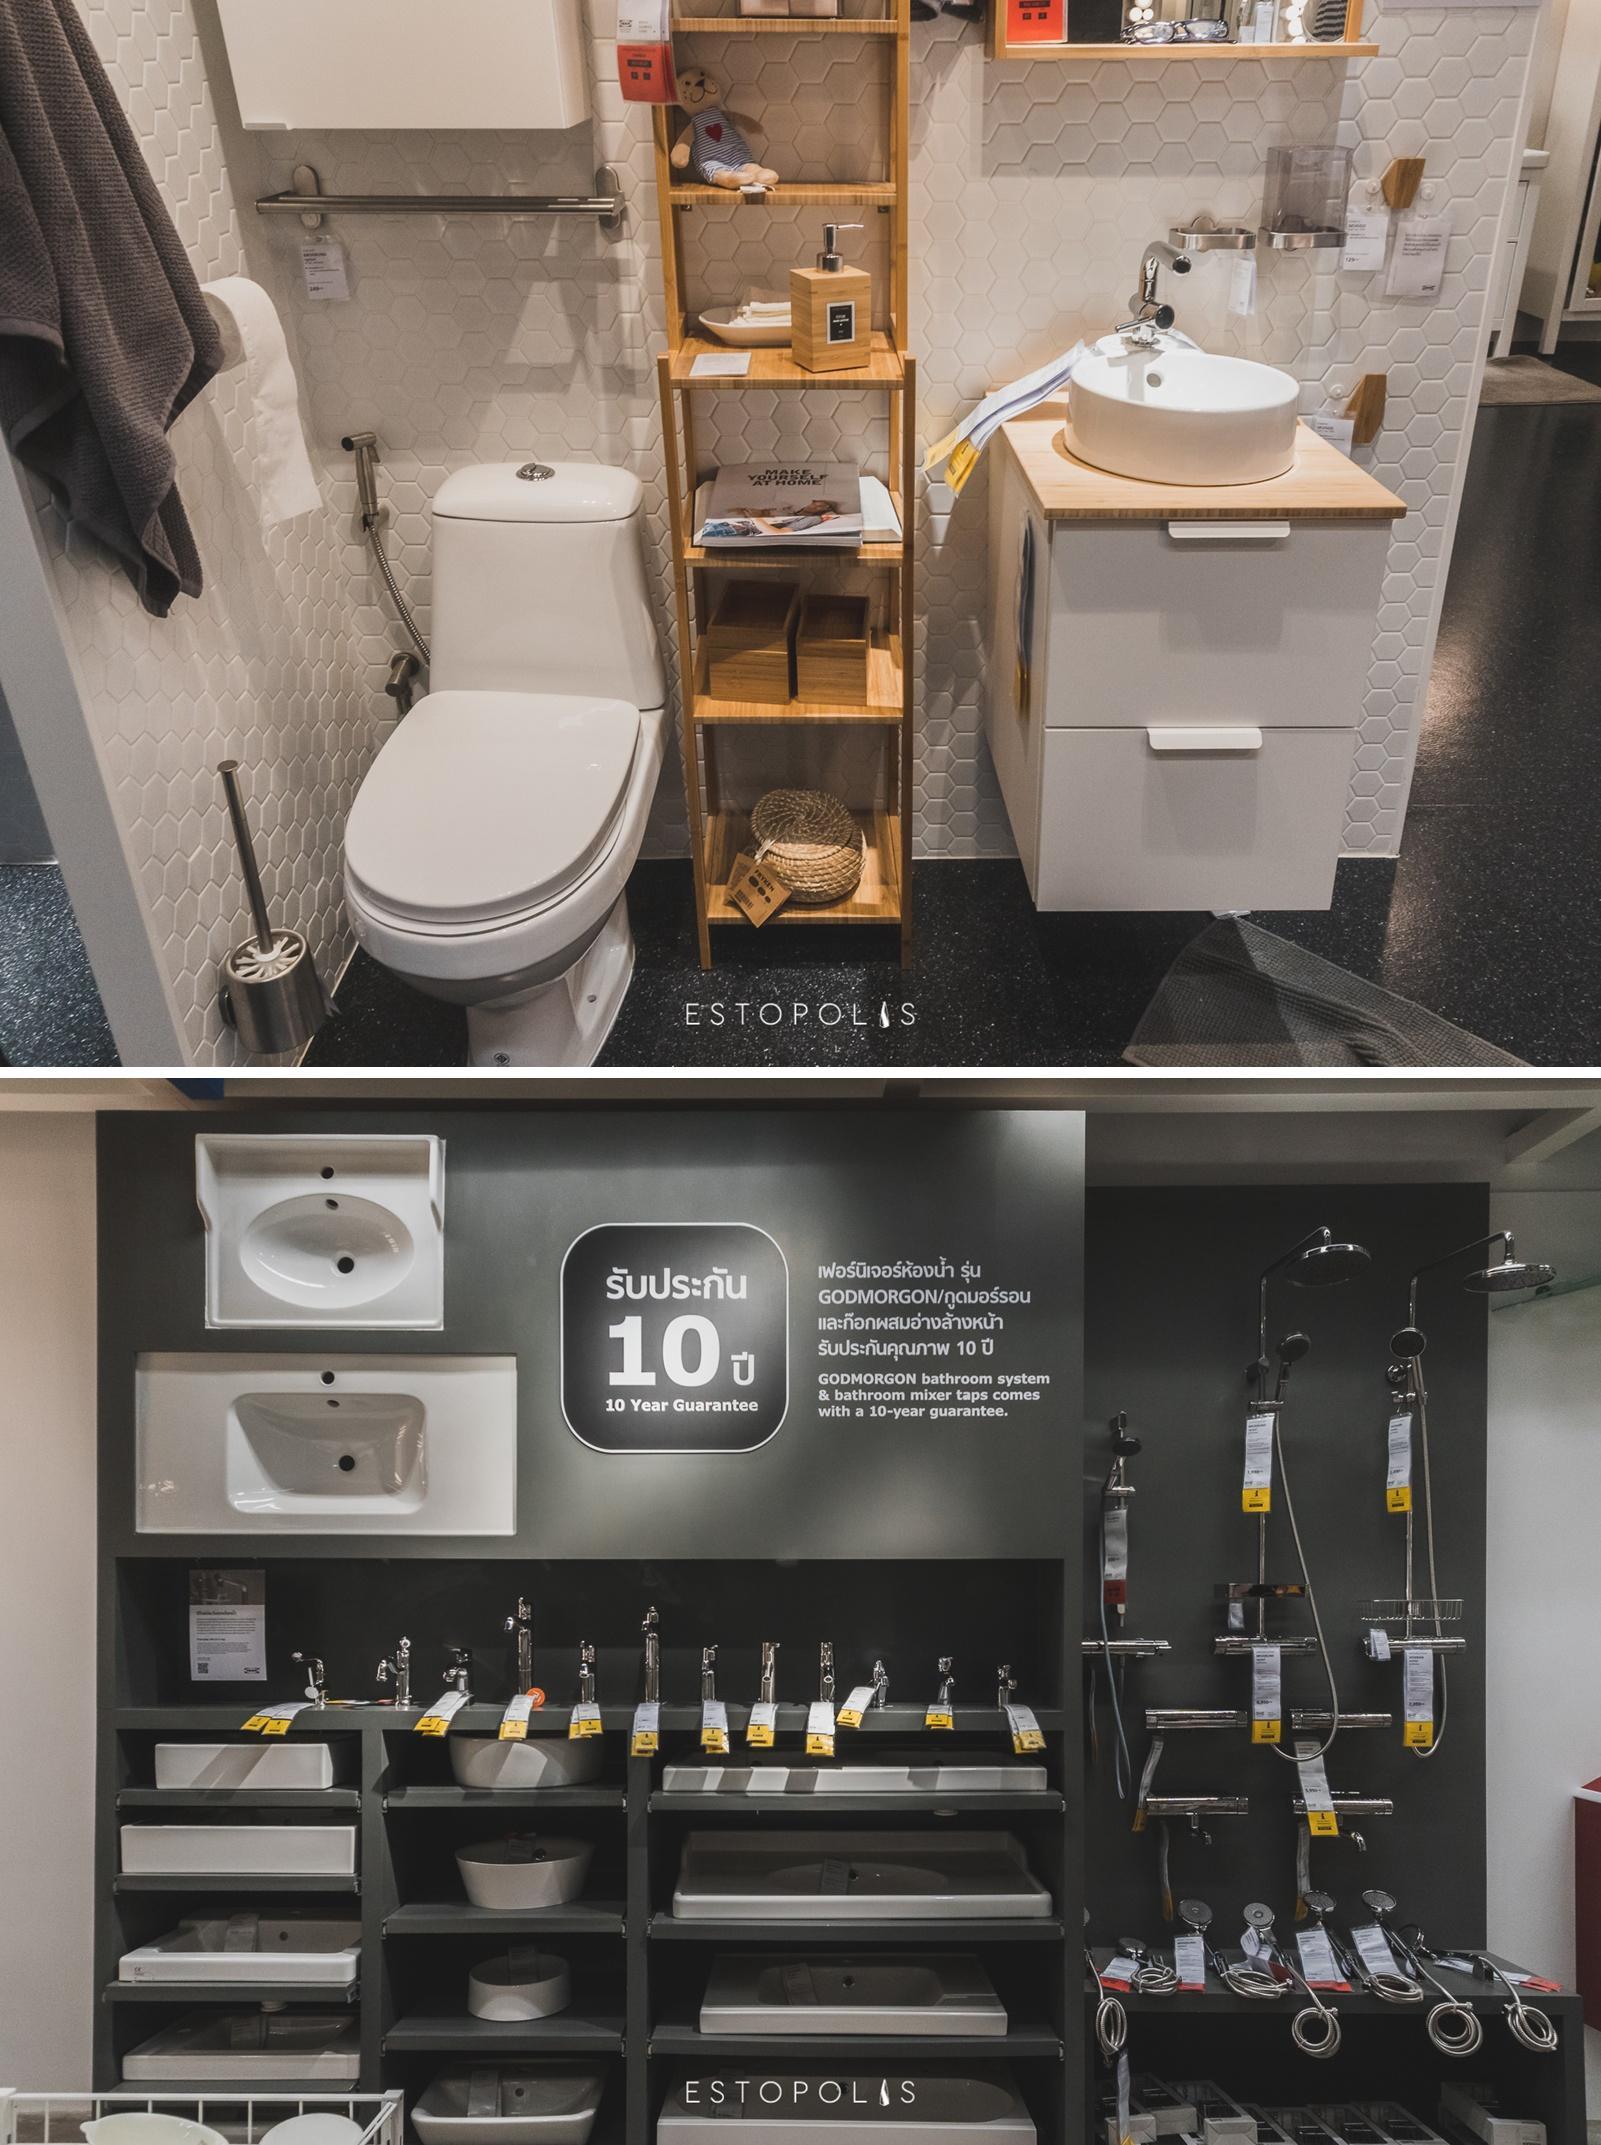 โซนห้องน้ำของอิเกีย บางใหญ่จำหน่ายพวกม่านห้องน้ำ พรมเช็ดเท้า ผ้าขนหนูและเฟอร์นิเจอร์สำหรับห้องน้ำครบชุด